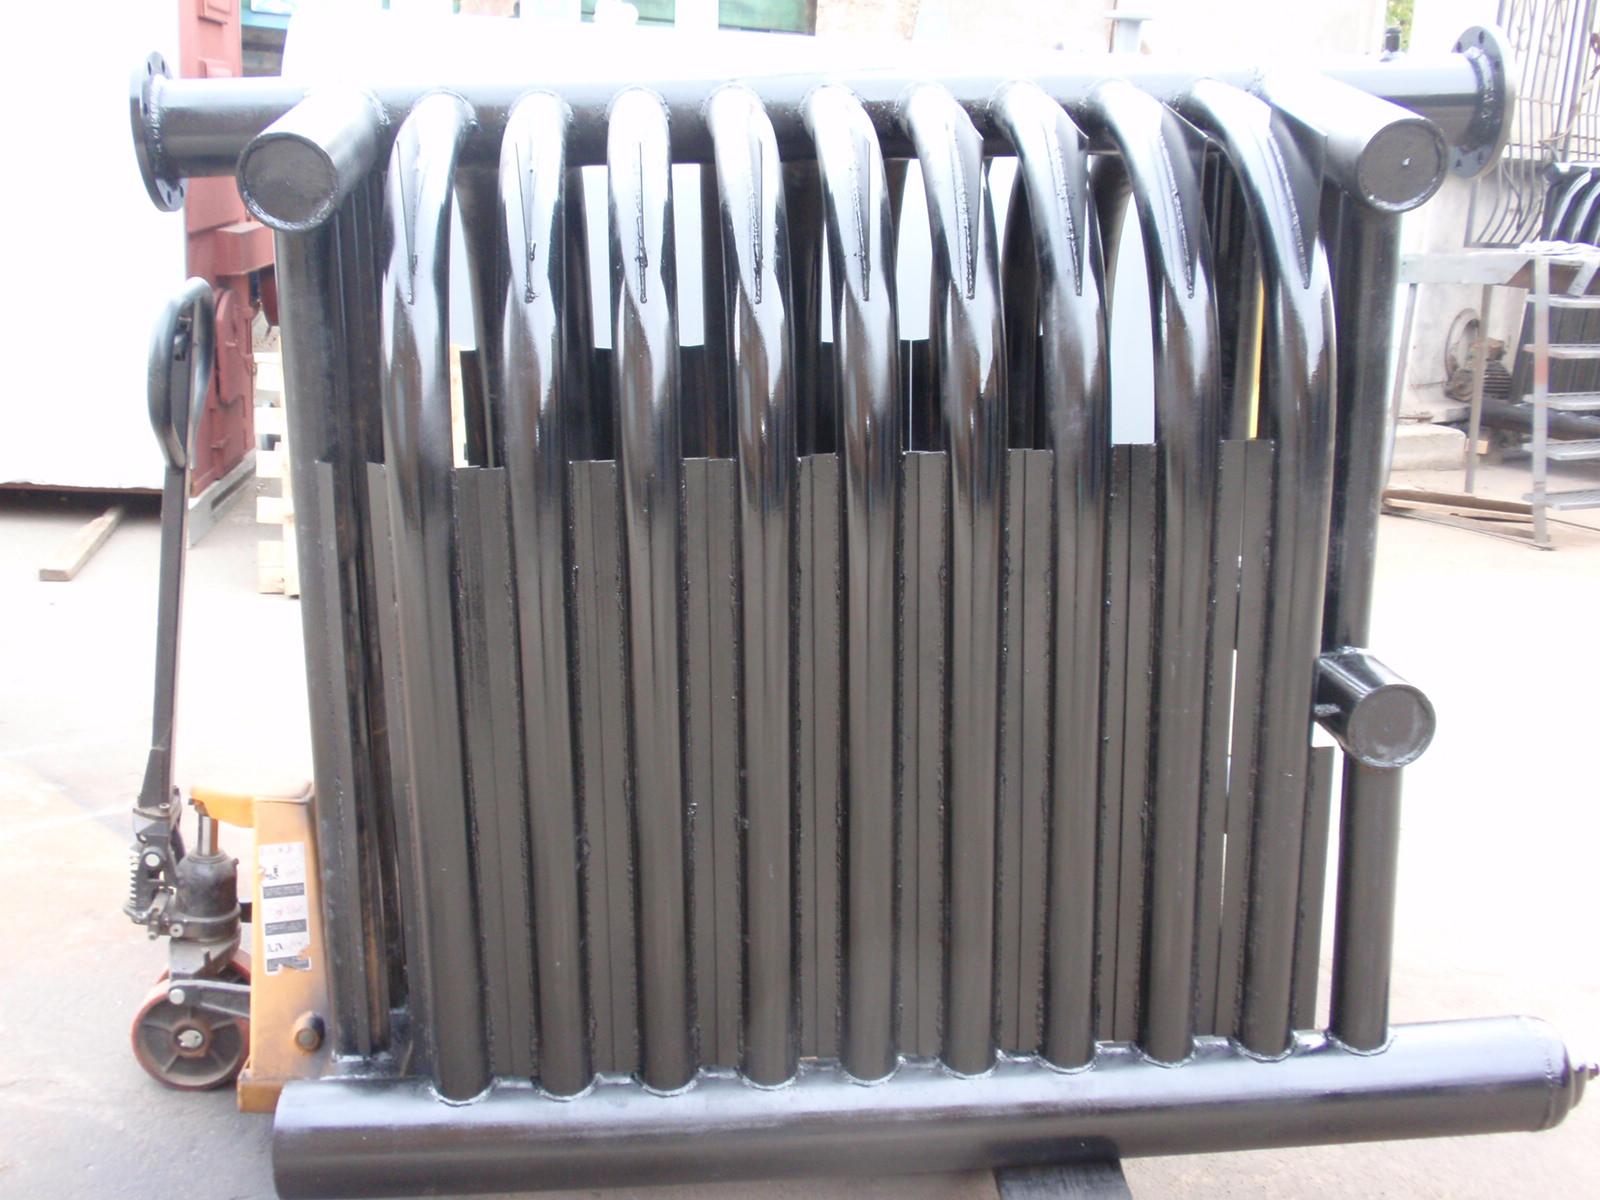 Котел НИИСТУ-5: надежный водогрейный котел по доступной цене